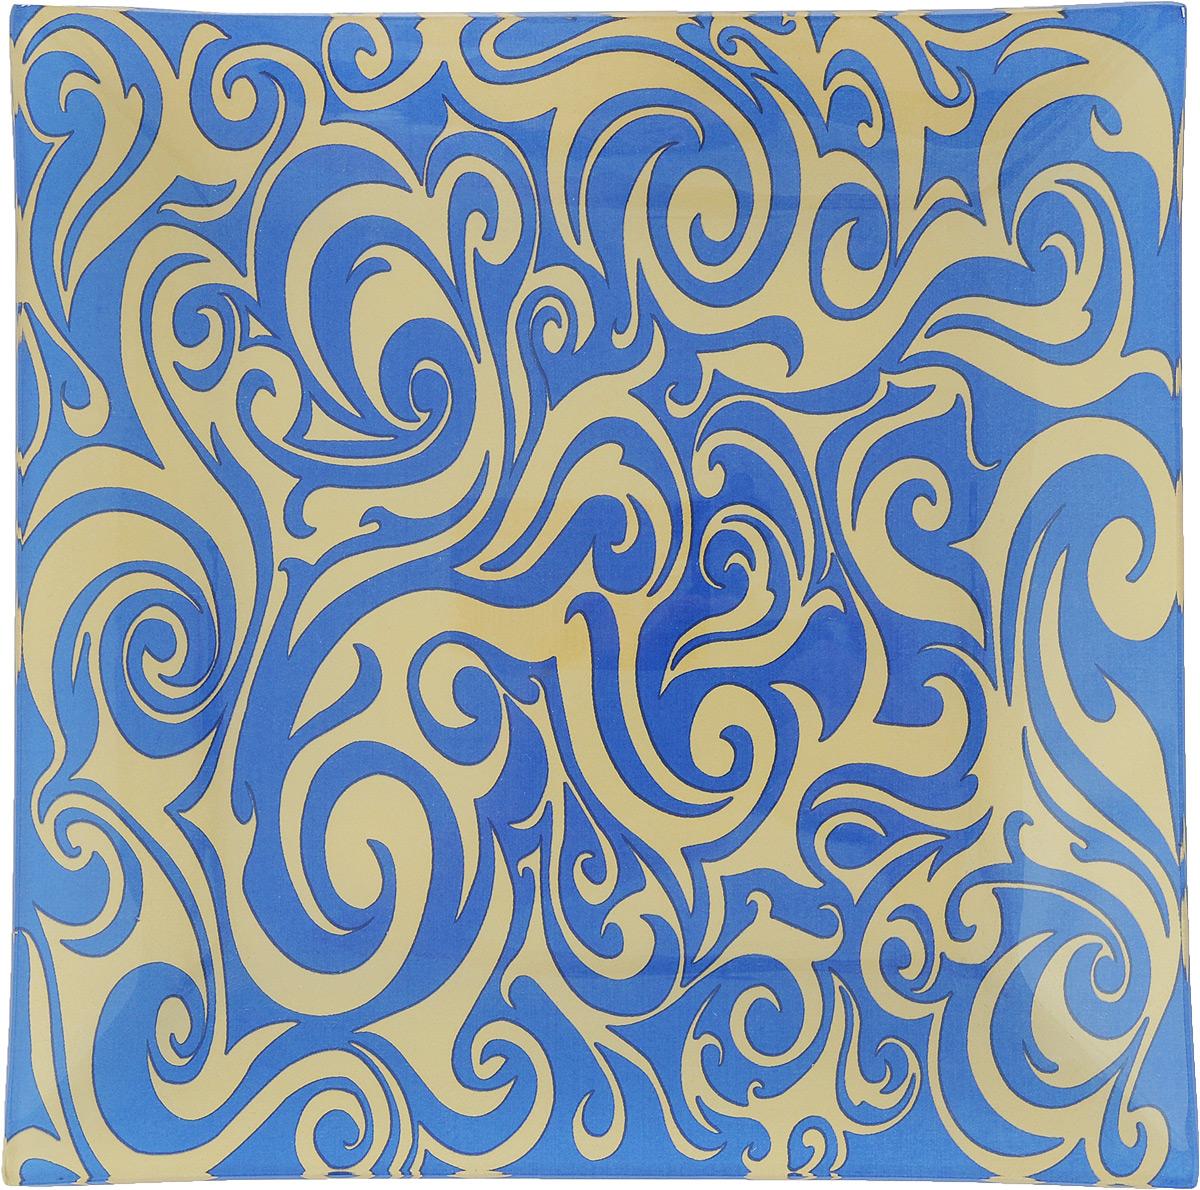 Тарелка Zibo Shelley Золотой орнамент, цвет: синий, диаметр 20 смZSS3108-2Квадратная тарелка Zibo Shelley Золотой орнамент, изготовленная из высококачественного стекла, декорирована ярким узором. Она не только украсит сервировку вашего стола и подчеркнет прекрасный вкус хозяйки, но и станет отличным подарком. Можно использовать в посудомоечной машине. Размер тарелки (по верхнему краю): 20 х 20 см. Высота: 2 см.